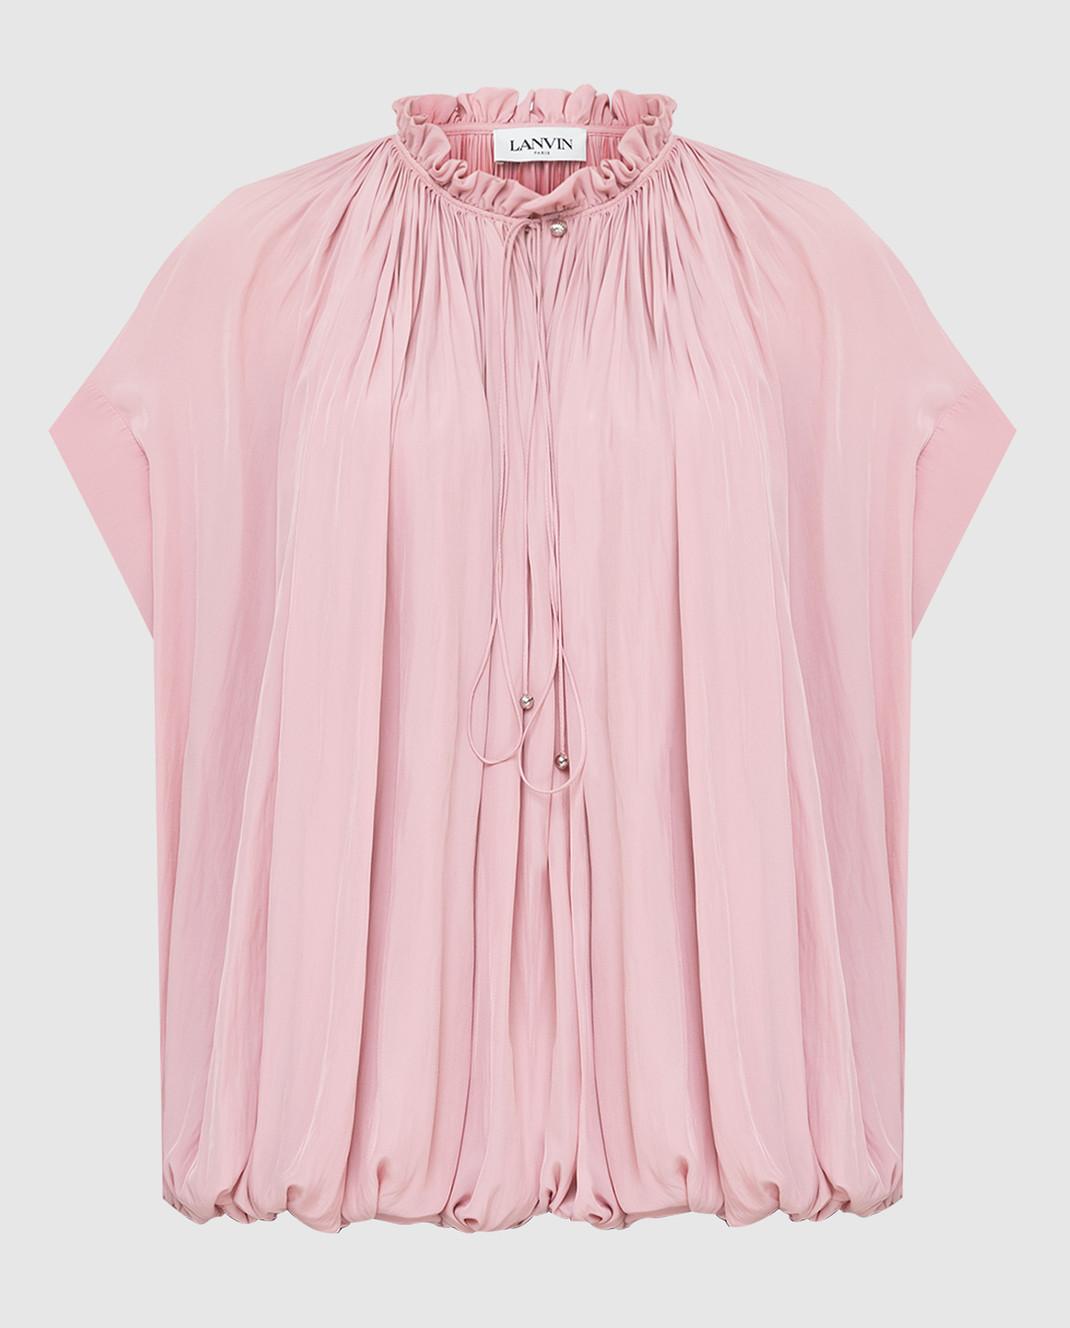 Lanvin Розовая блуза изображение 1